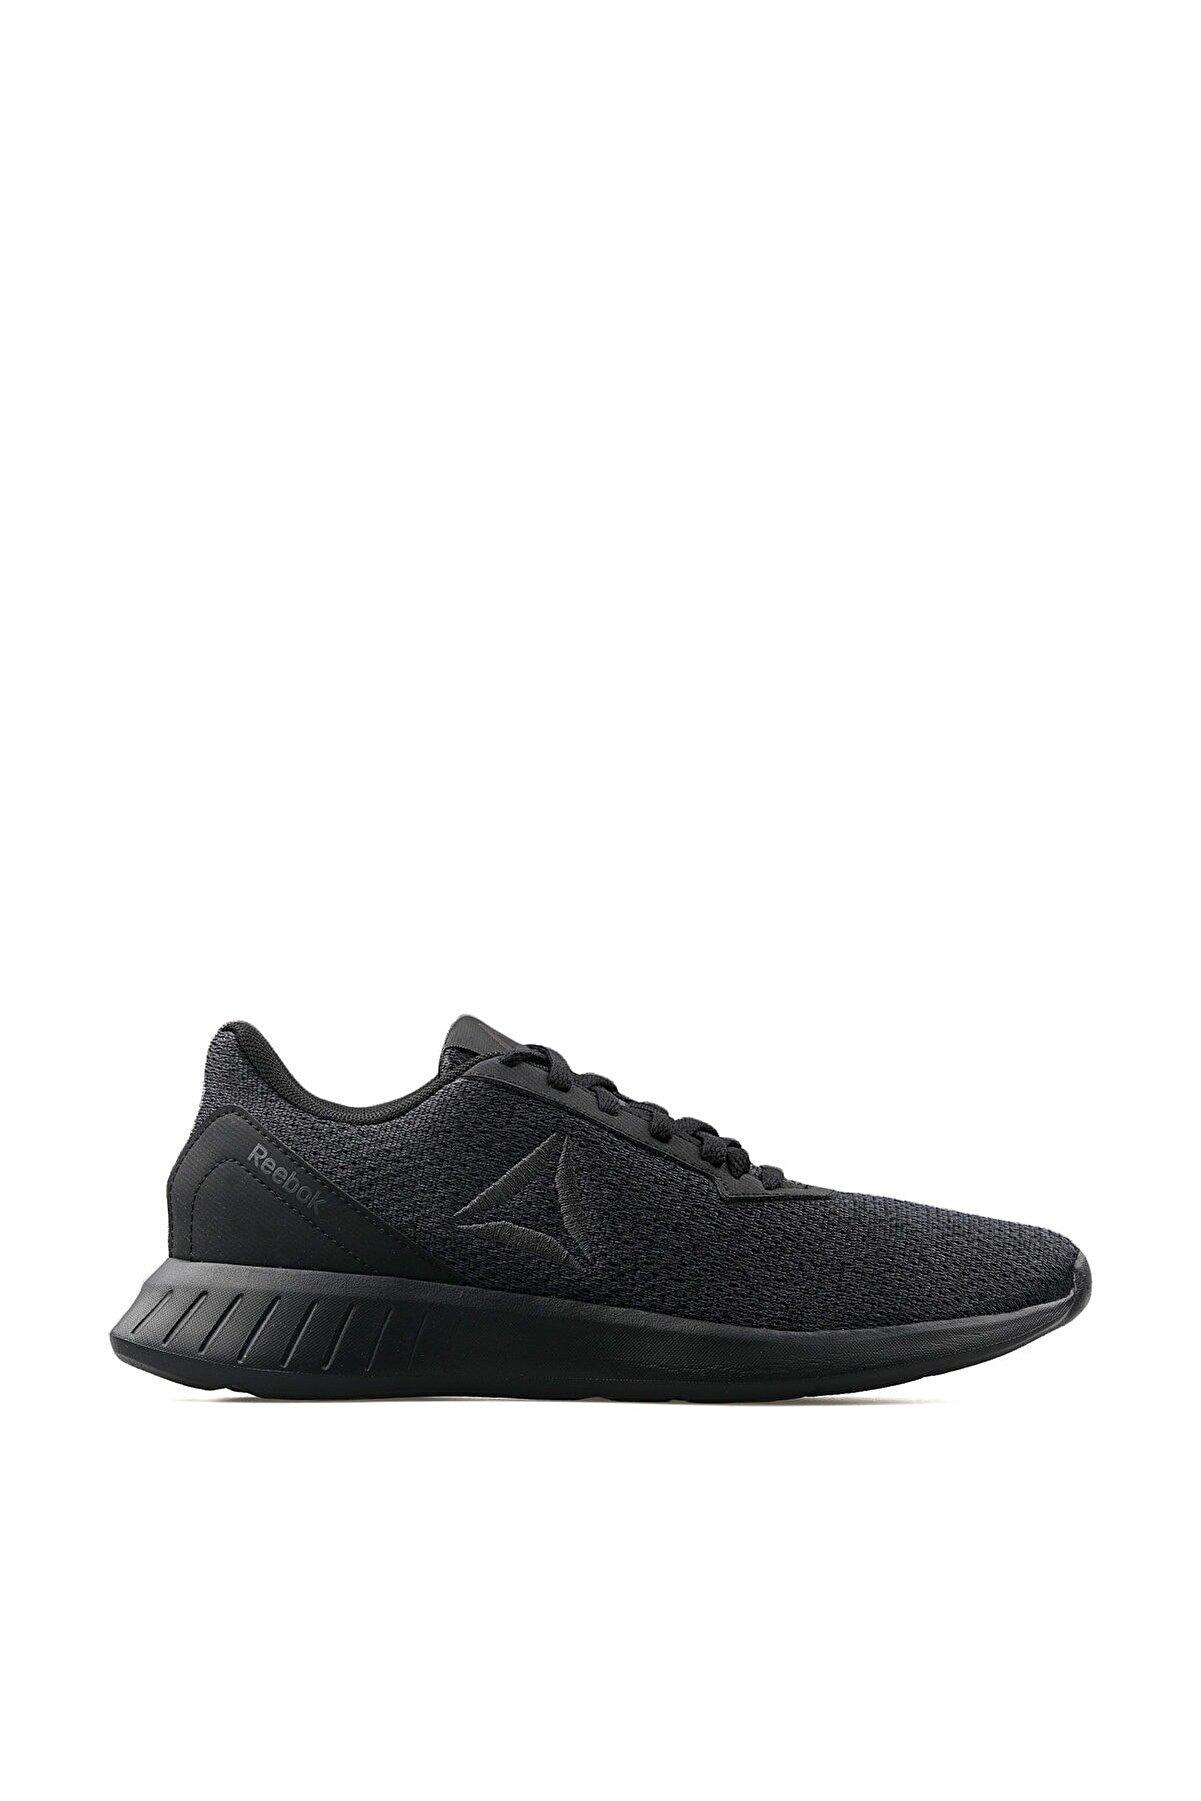 Reebok LITE* Siyah Kadın Koşu Ayakkabısı 100479544